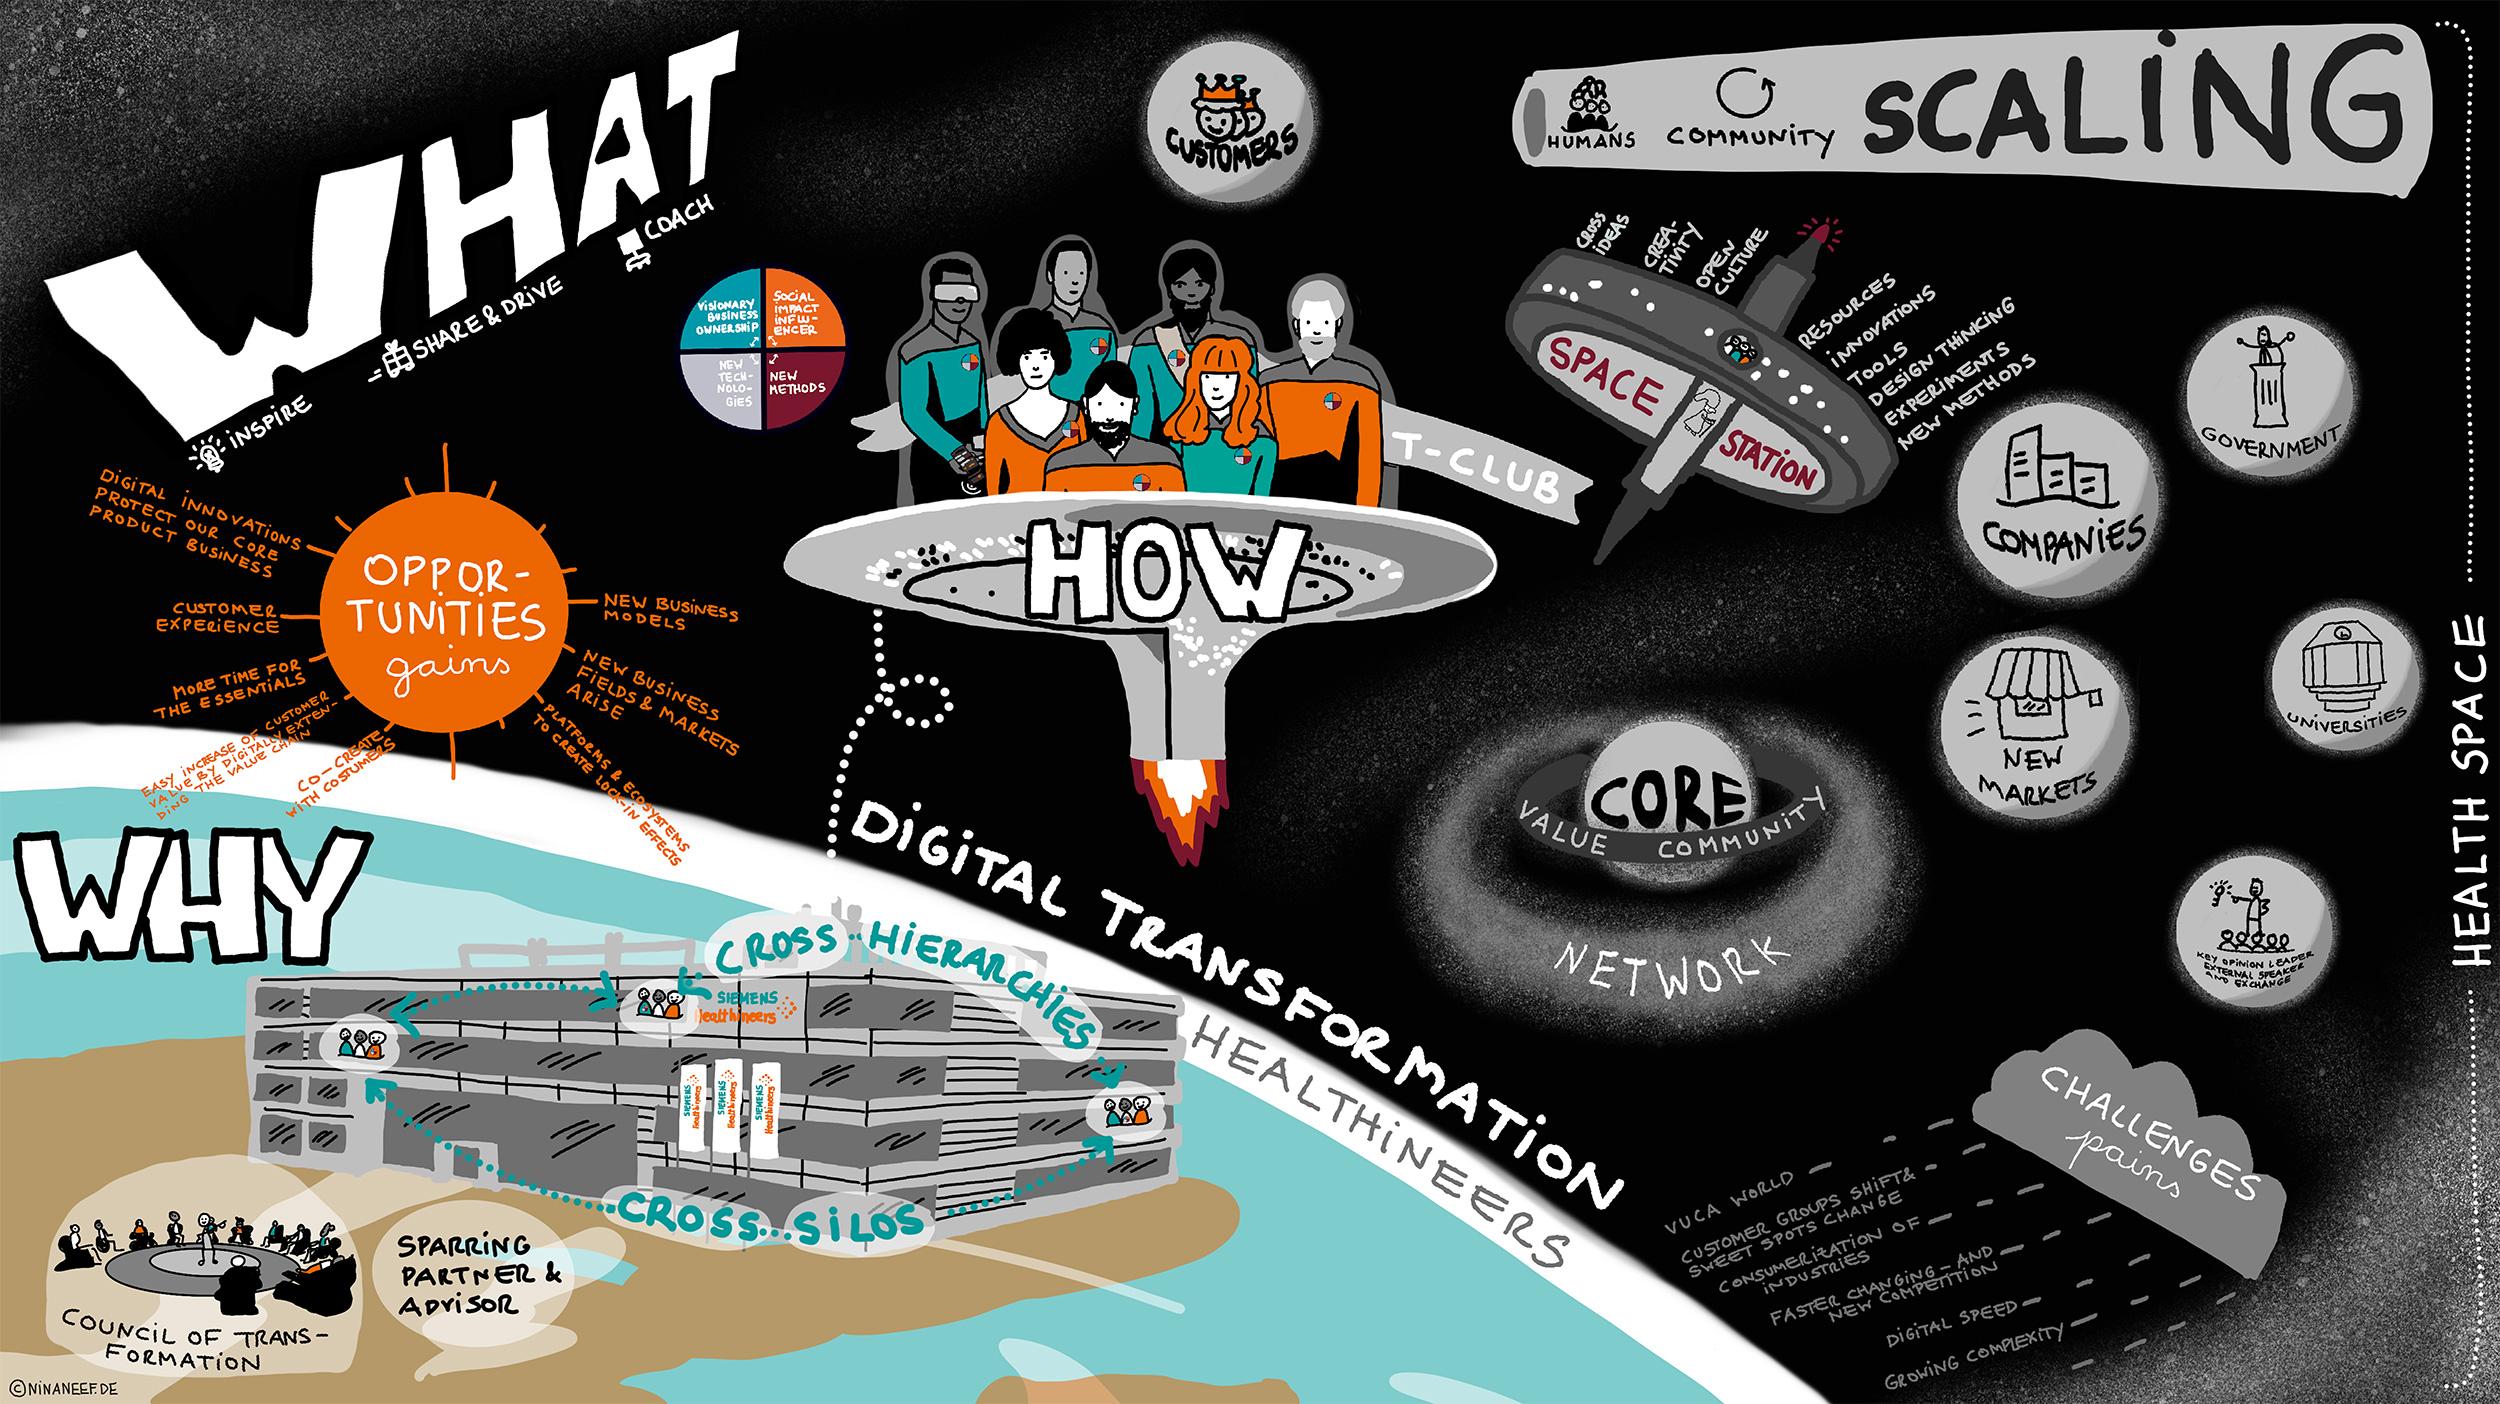 Siemens Healthineers Haben Nina Neef Für Die Visualisierung Ihrer Digitalen Transformation Eingesetzt.